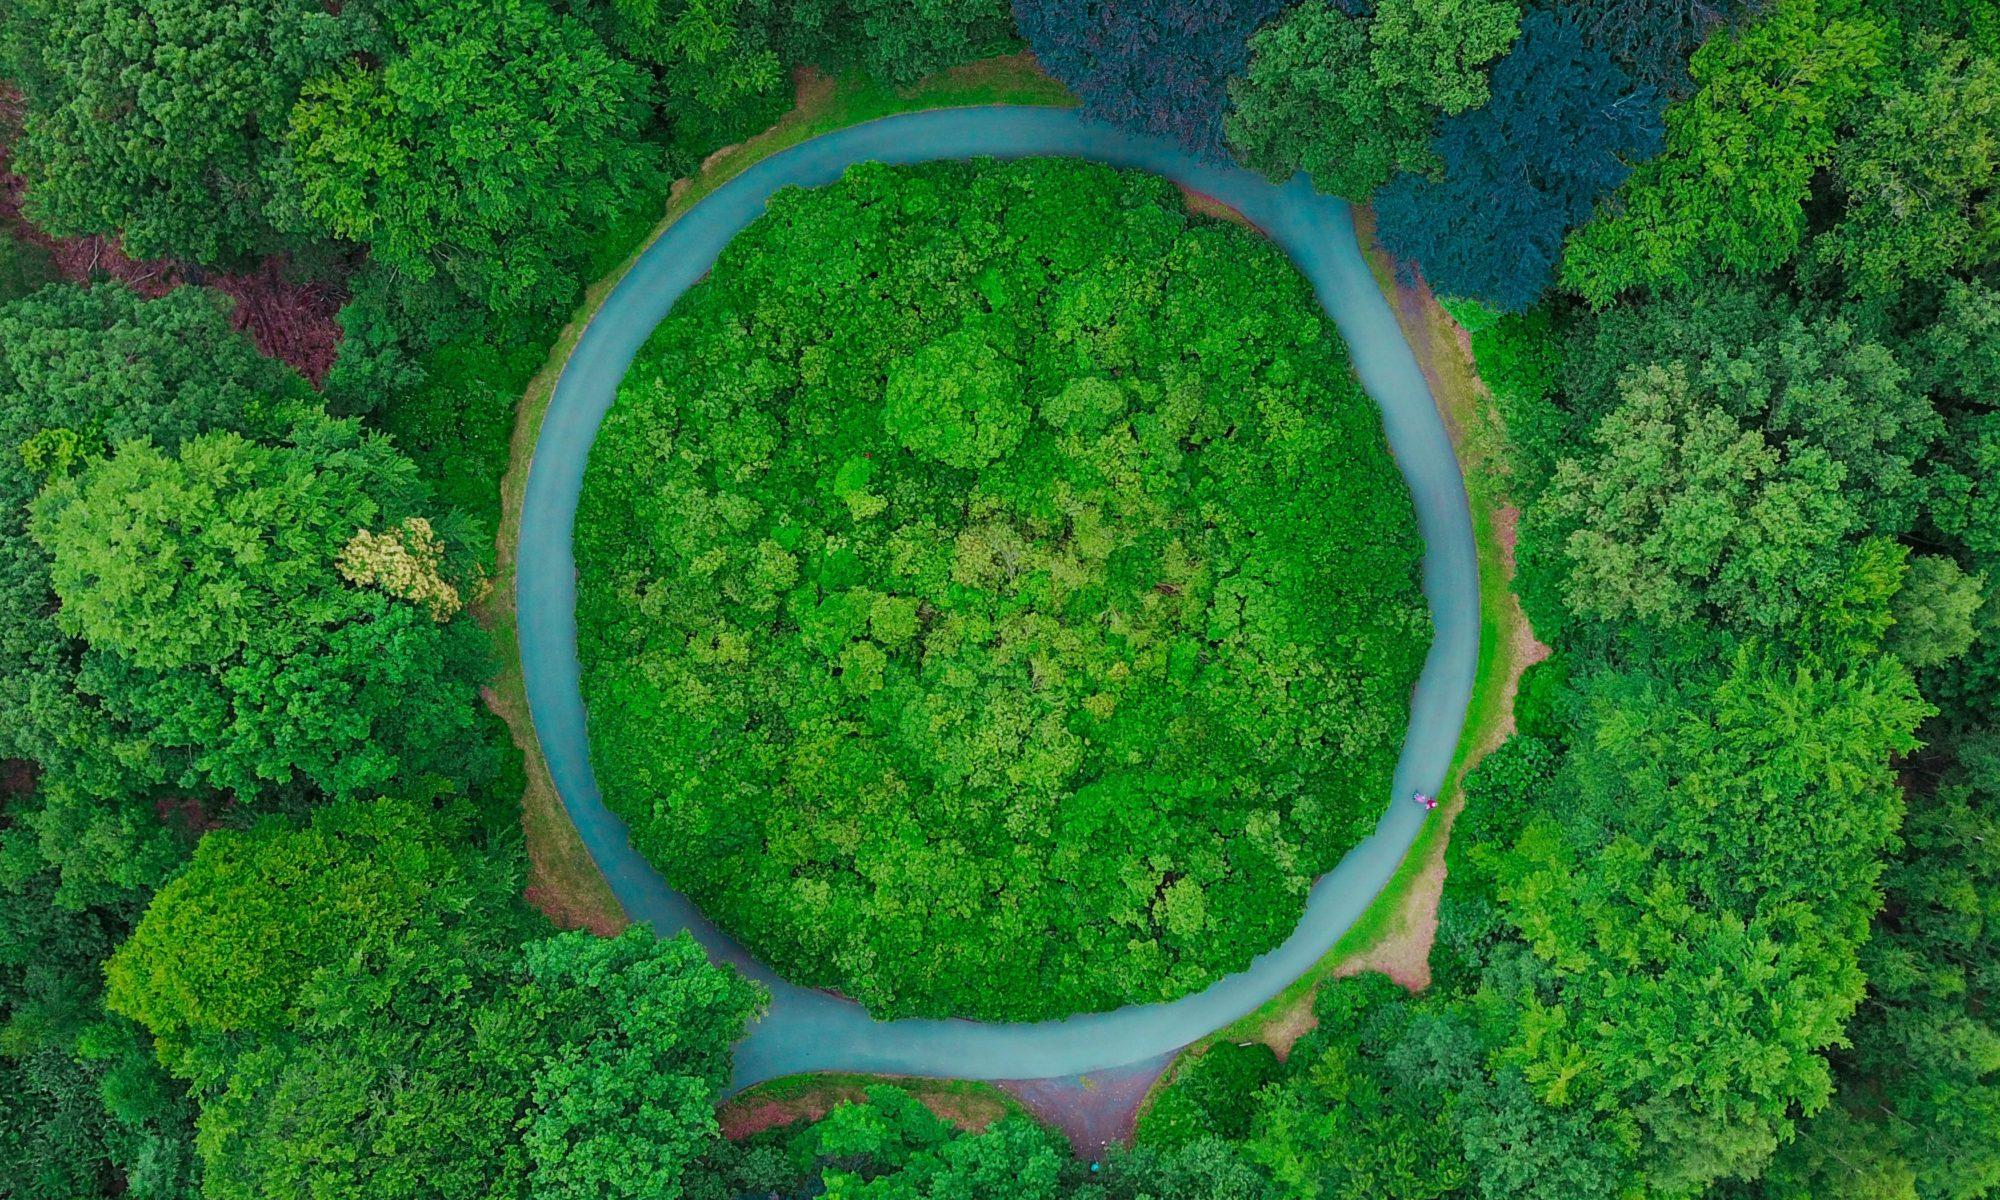 Kreisförmige Strasse in einem Waldstück aus Vogelperspektive